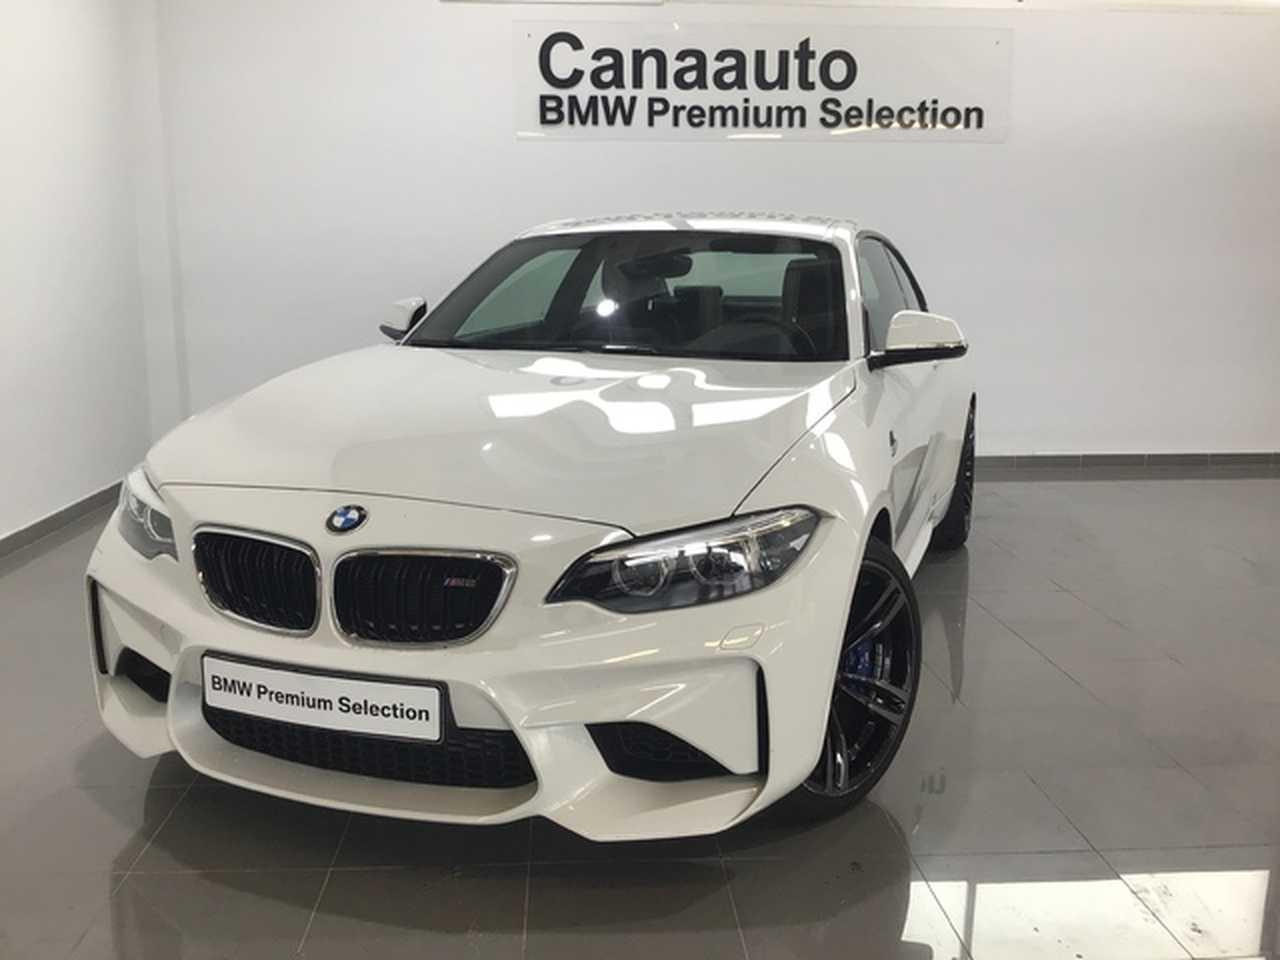 BMW M M2 Coupe 272 kW (370 CV)  - Foto 1